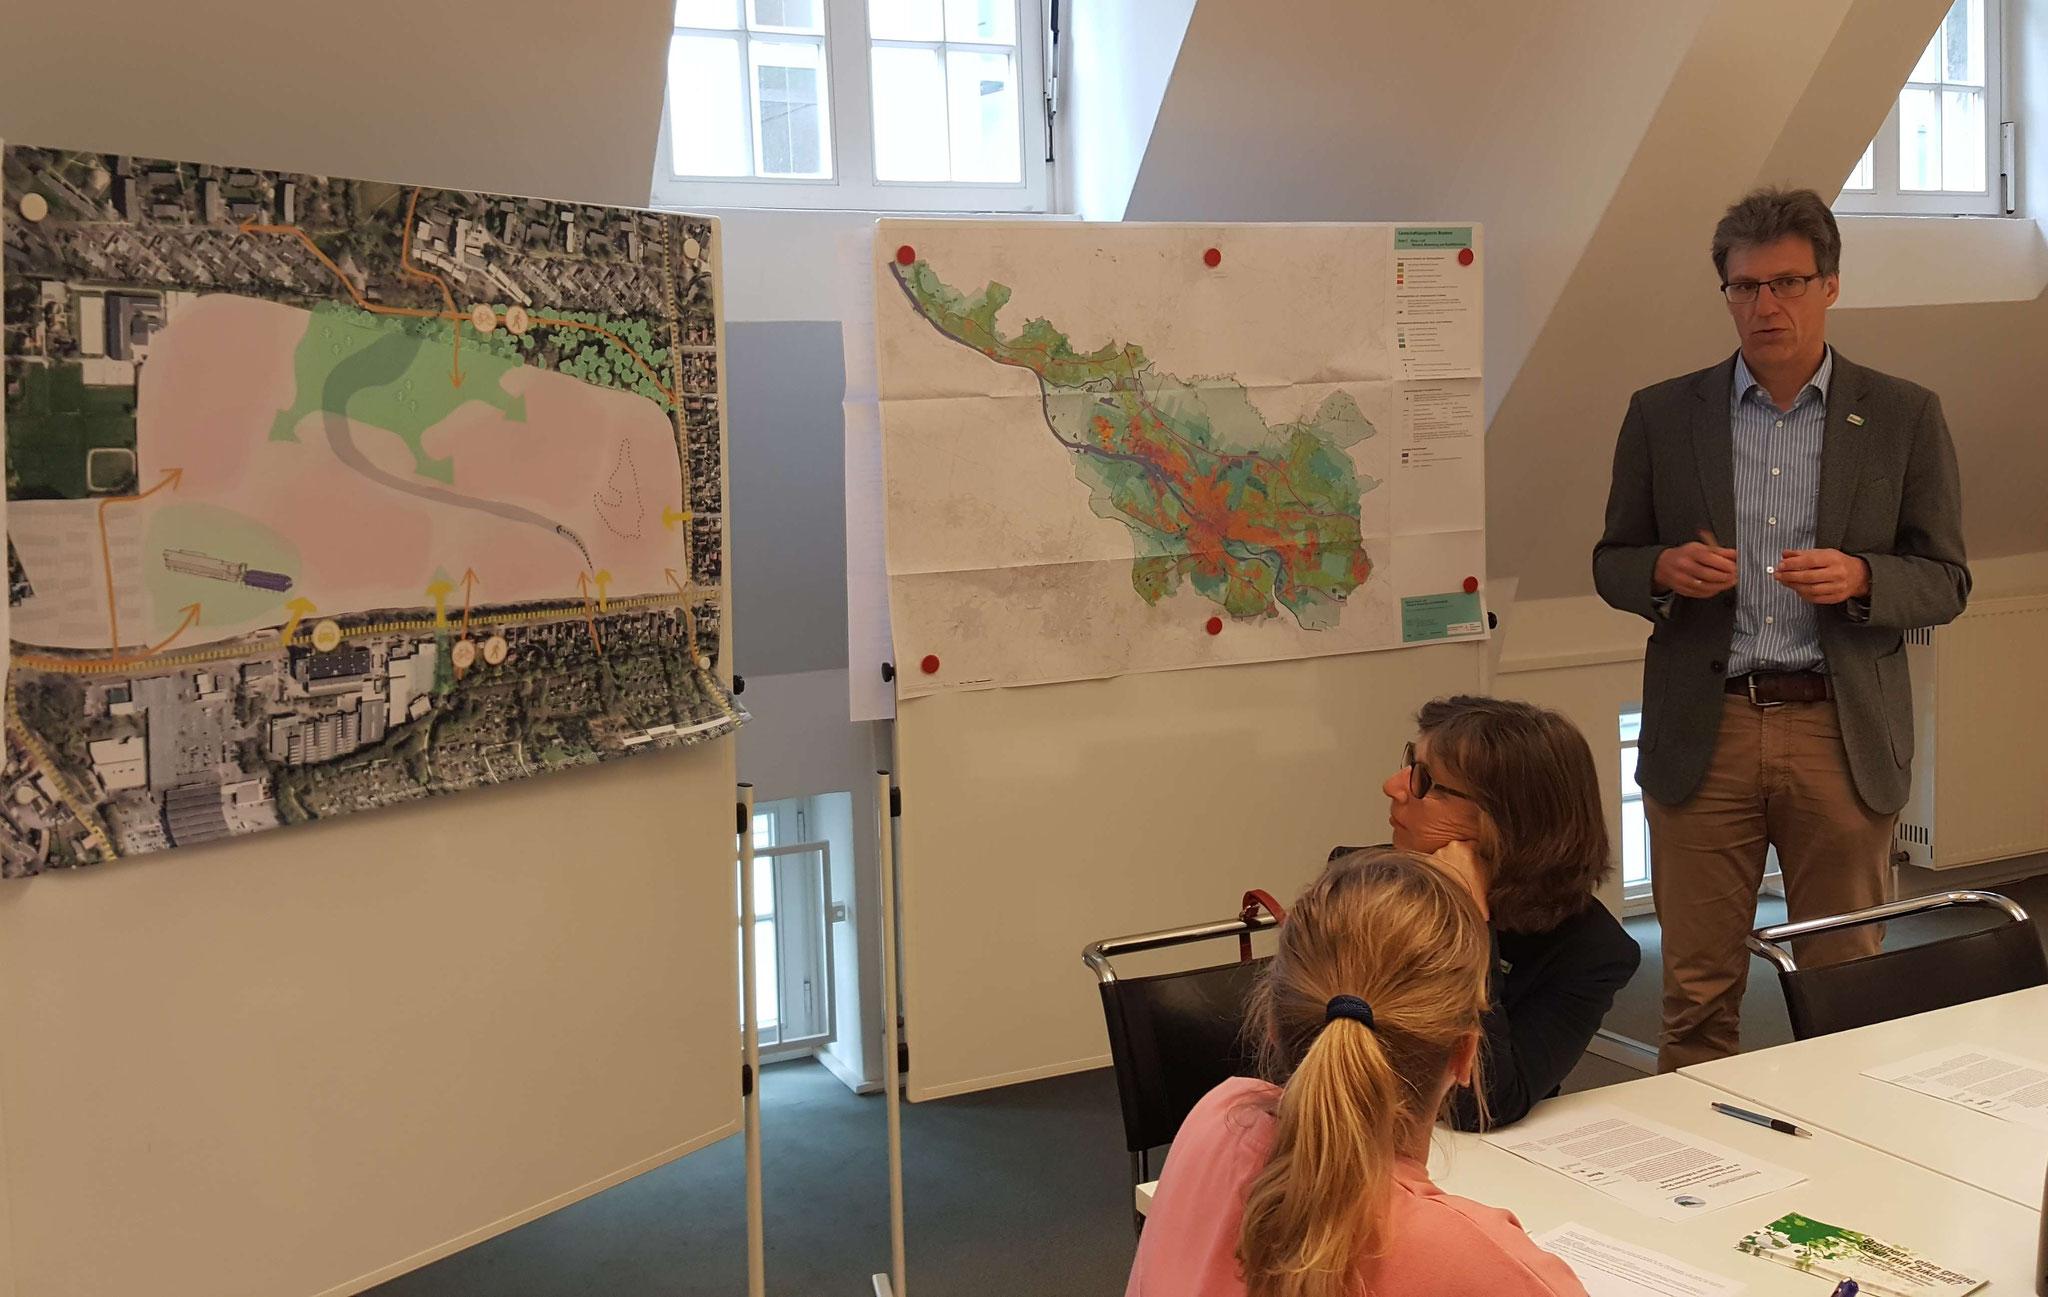 Das Gelände hat keine wichtige Bedeutung für den Naturschutz, so Martin Rode (BUND) auf der Pressekonferenz